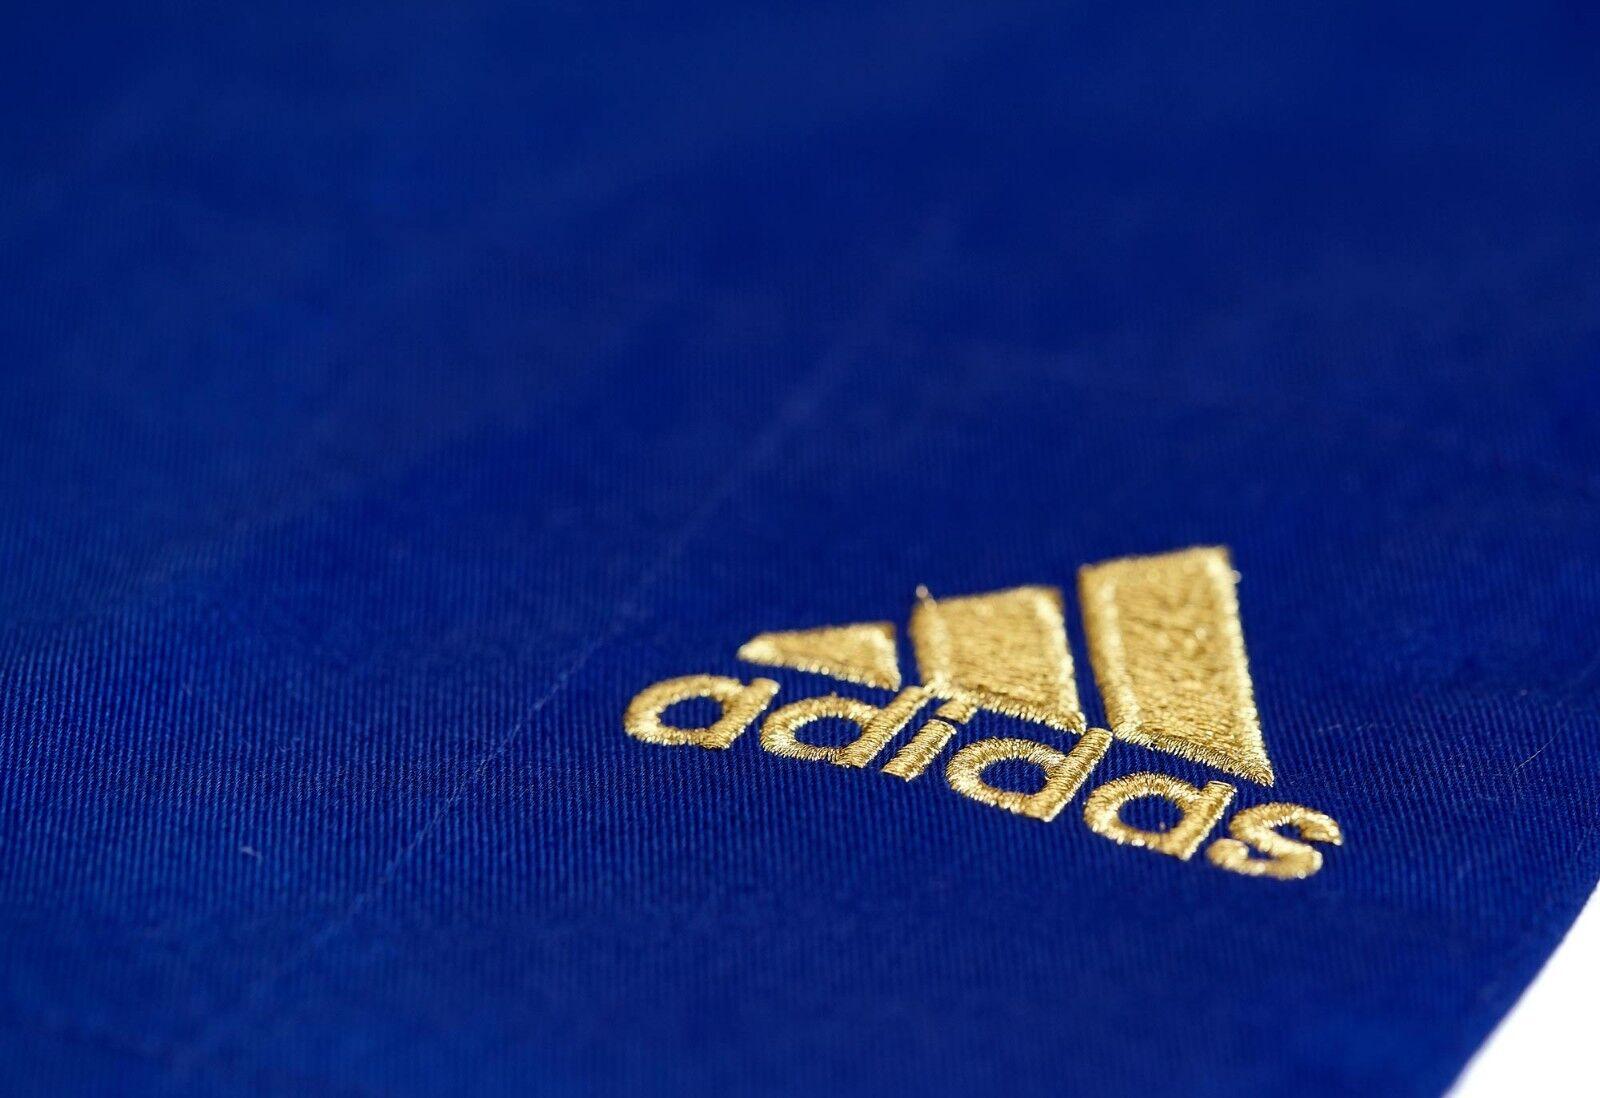 Adidas Judoanzug  CHAMPION II  IJF, blau Goldene Goldene Goldene Streifen, JIJFB - Judo-Anzug    Günstige Bestellung    Verschiedene aktuelle Designs    Günstige  1d4032